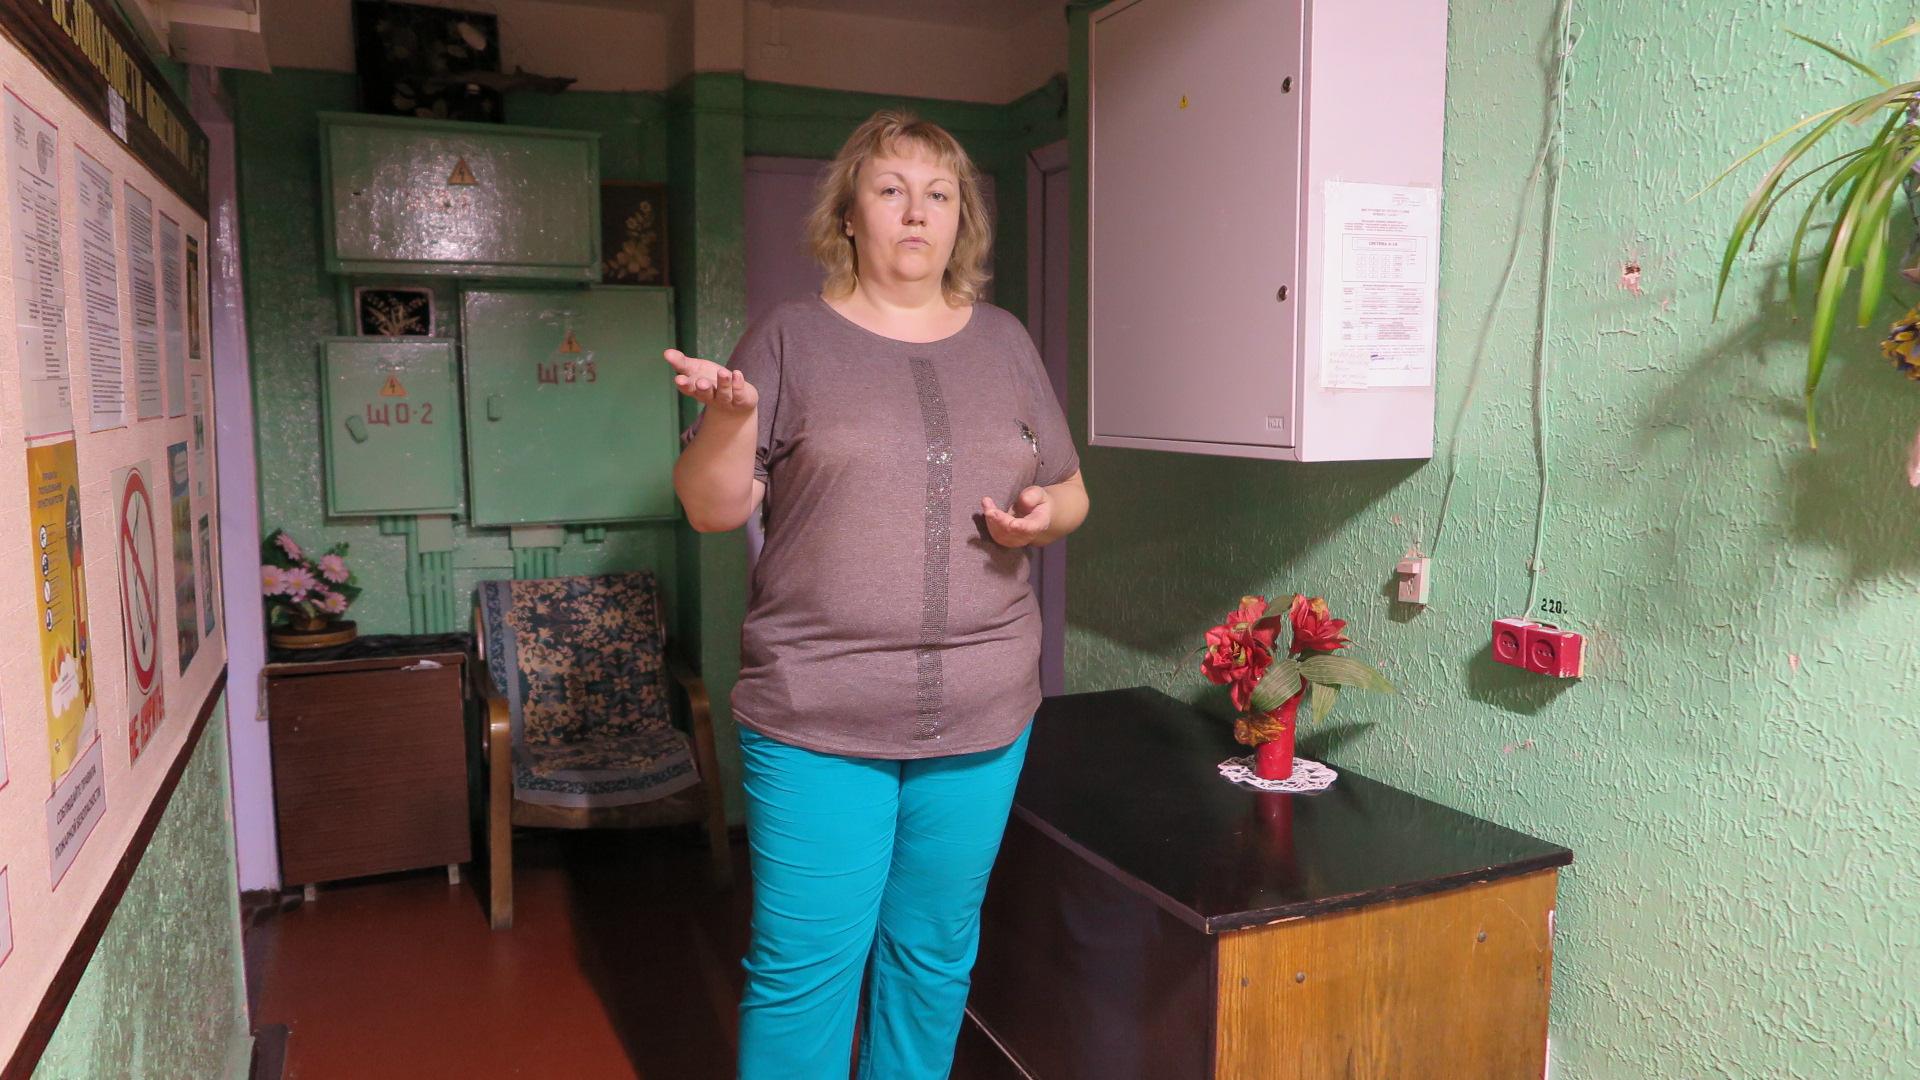 Анна Шевцова, проживающая в общежитии более пяти лет. Фото: Ирина ПЛЮТО